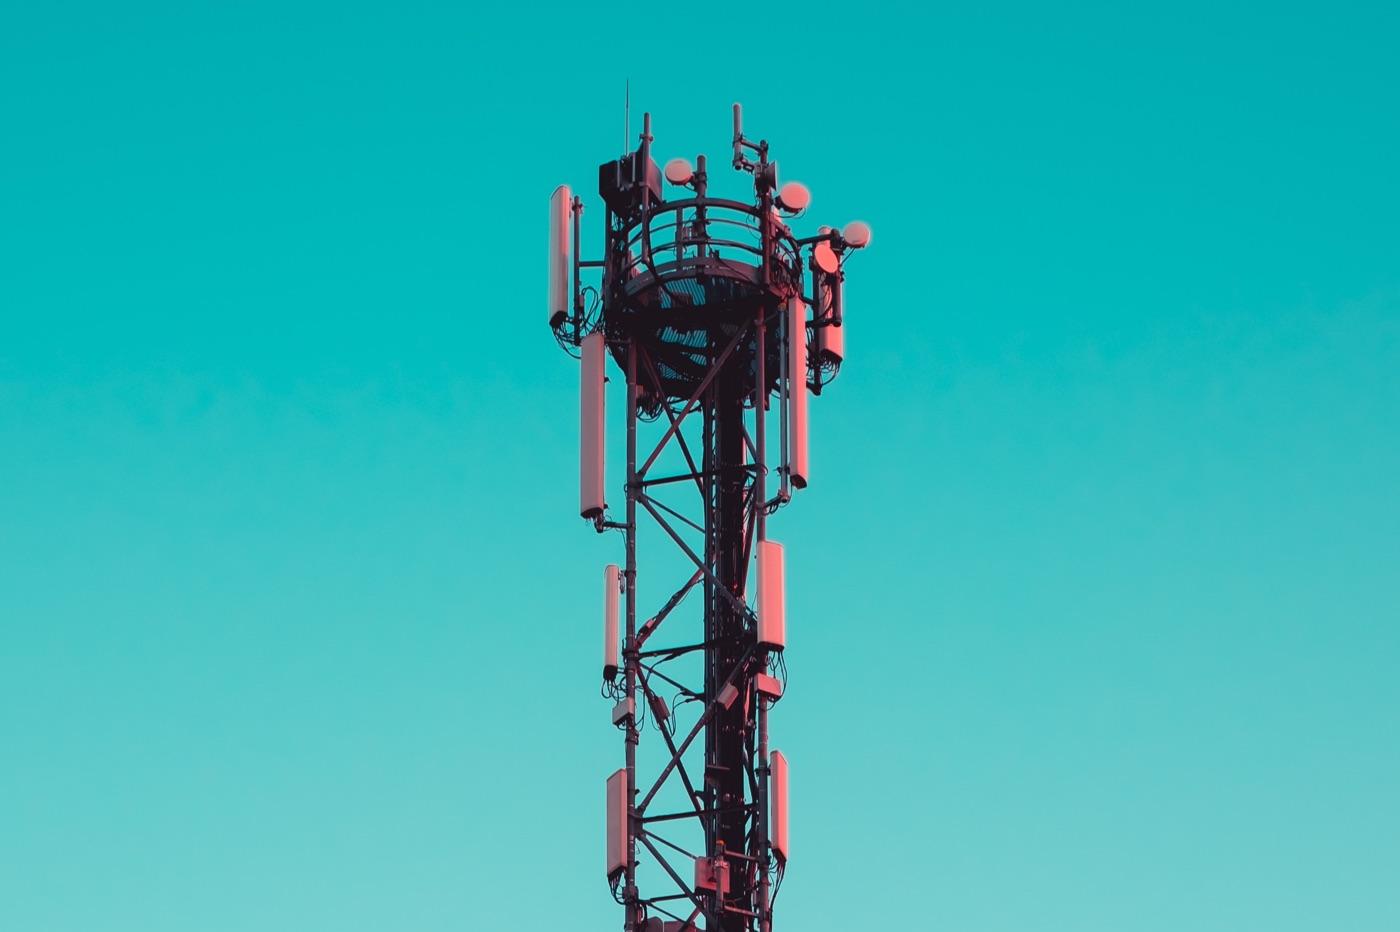 L'ARCEP veut la 5G dans les grandes villes de France avant 2021 1